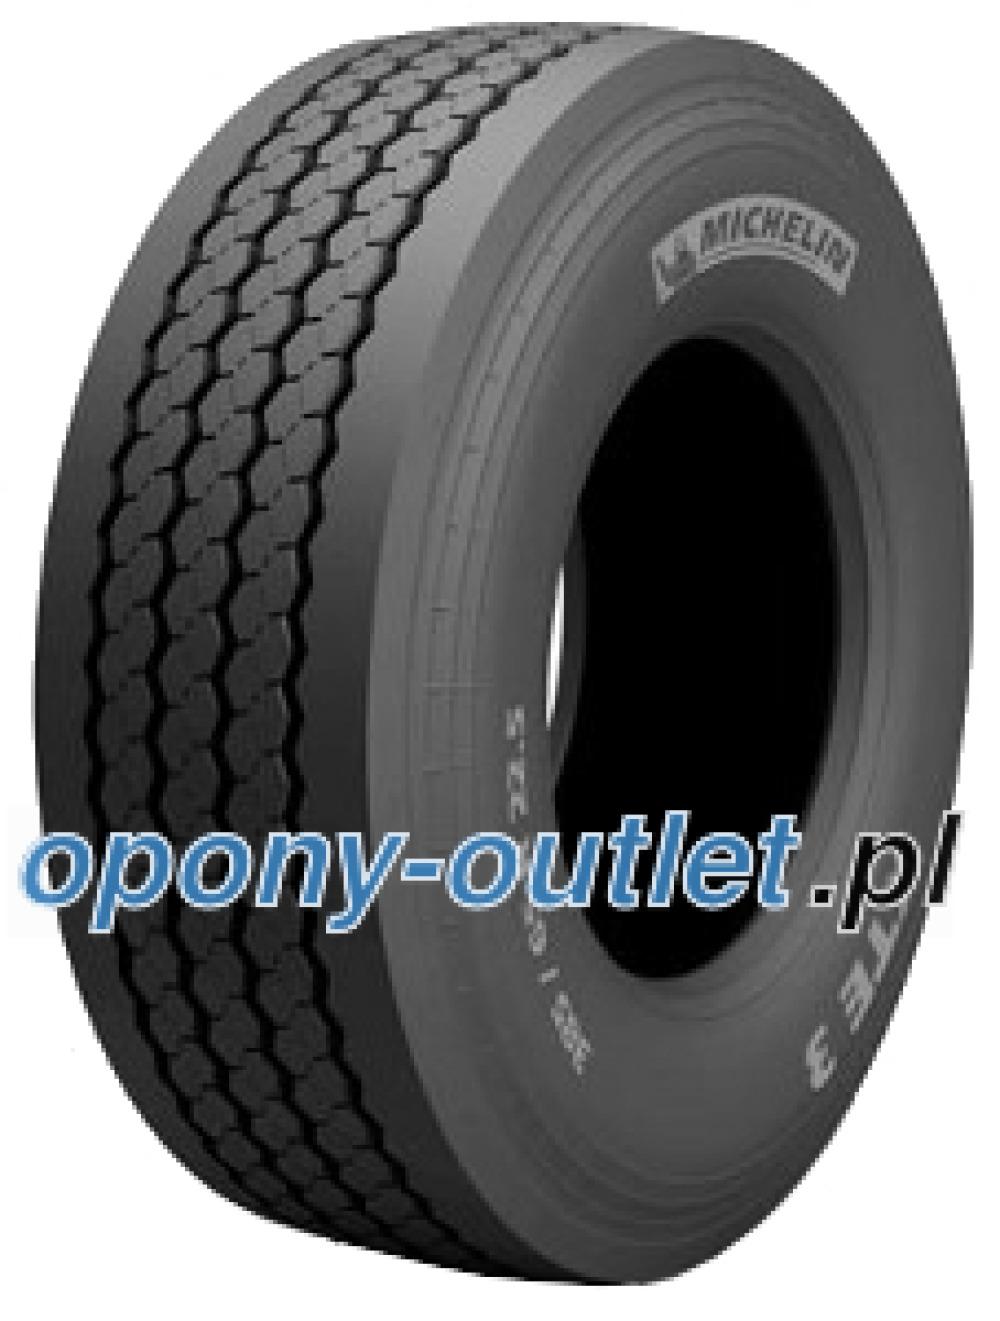 Michelin Remix XTE 3 ( 385/65 R22.5 160J bieżnikowane, podwójnie oznaczone 158L )